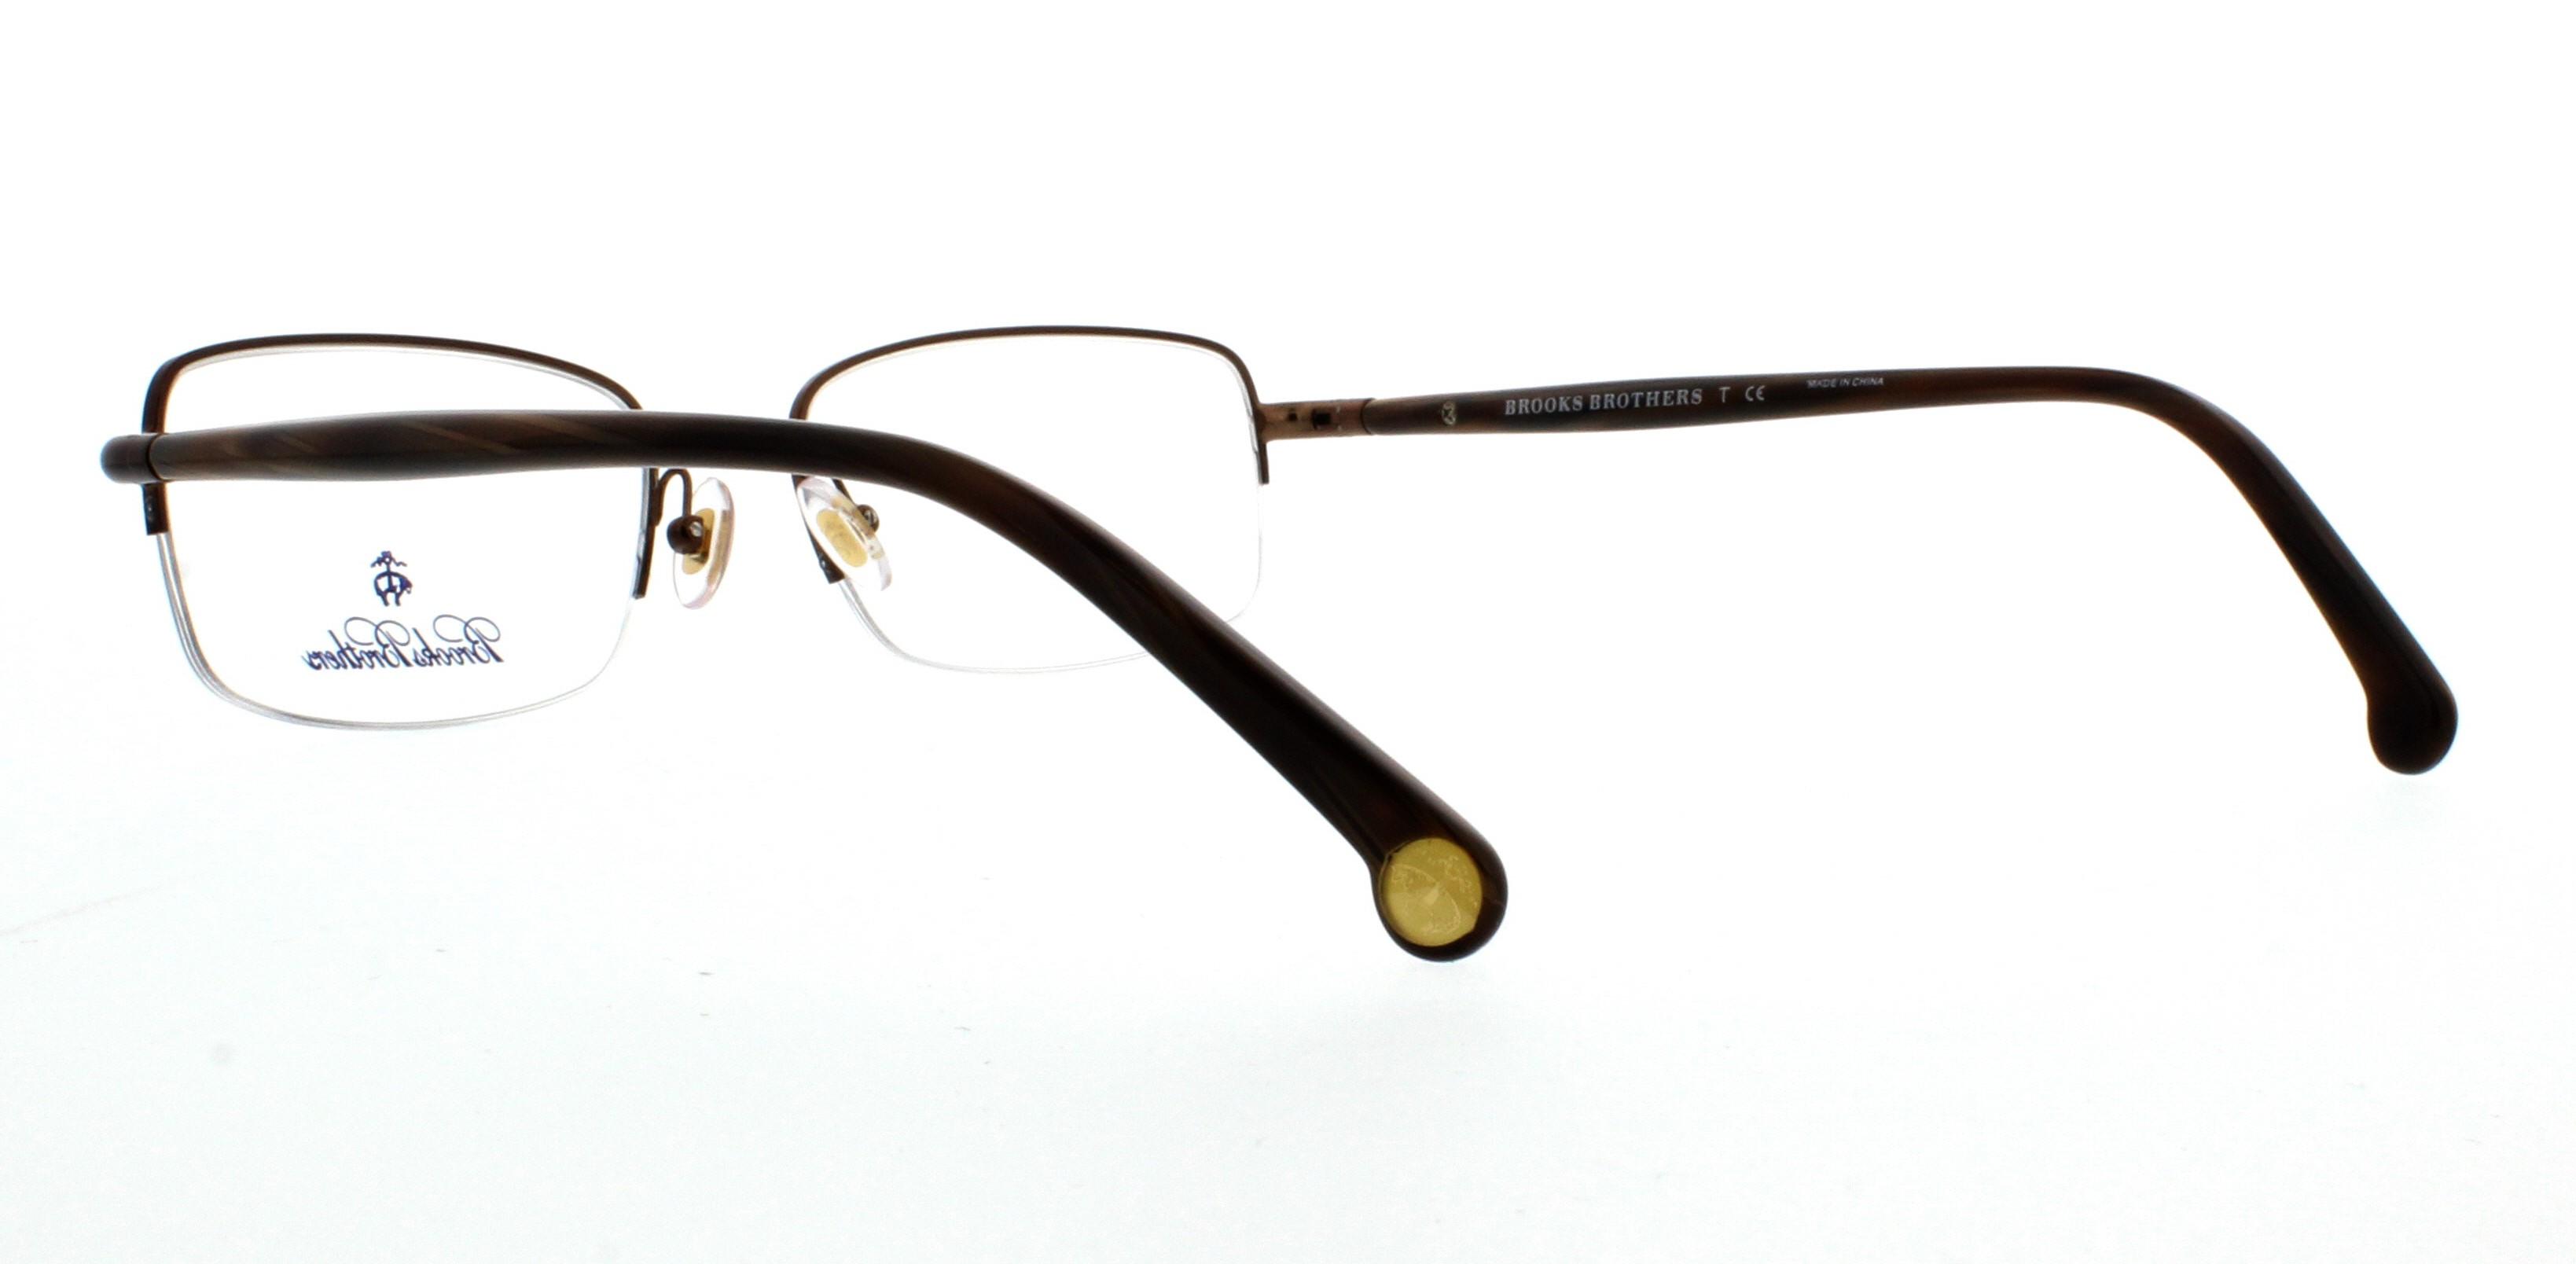 Brooks Brothers BB 499 eyeglasses